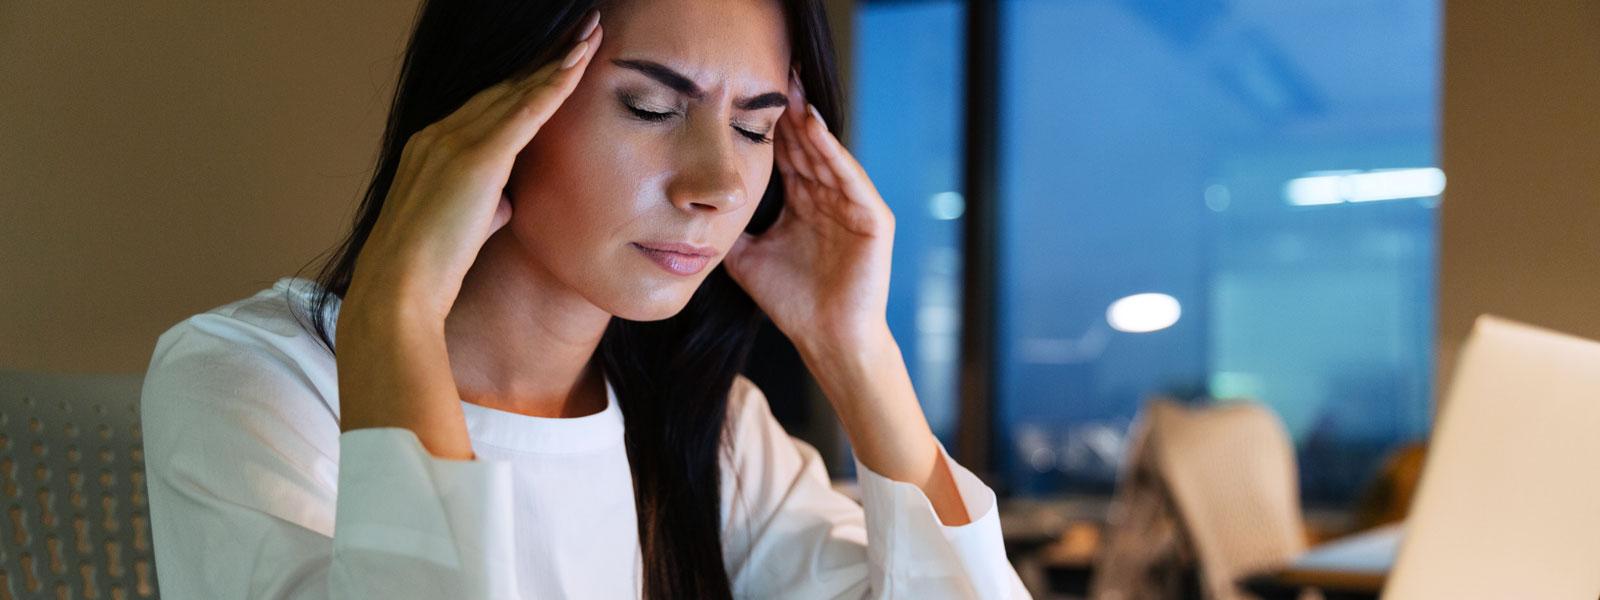 fabio-antonaci-centro-cefalee-neurologia-mal-di-testa-dolore-cronico-22